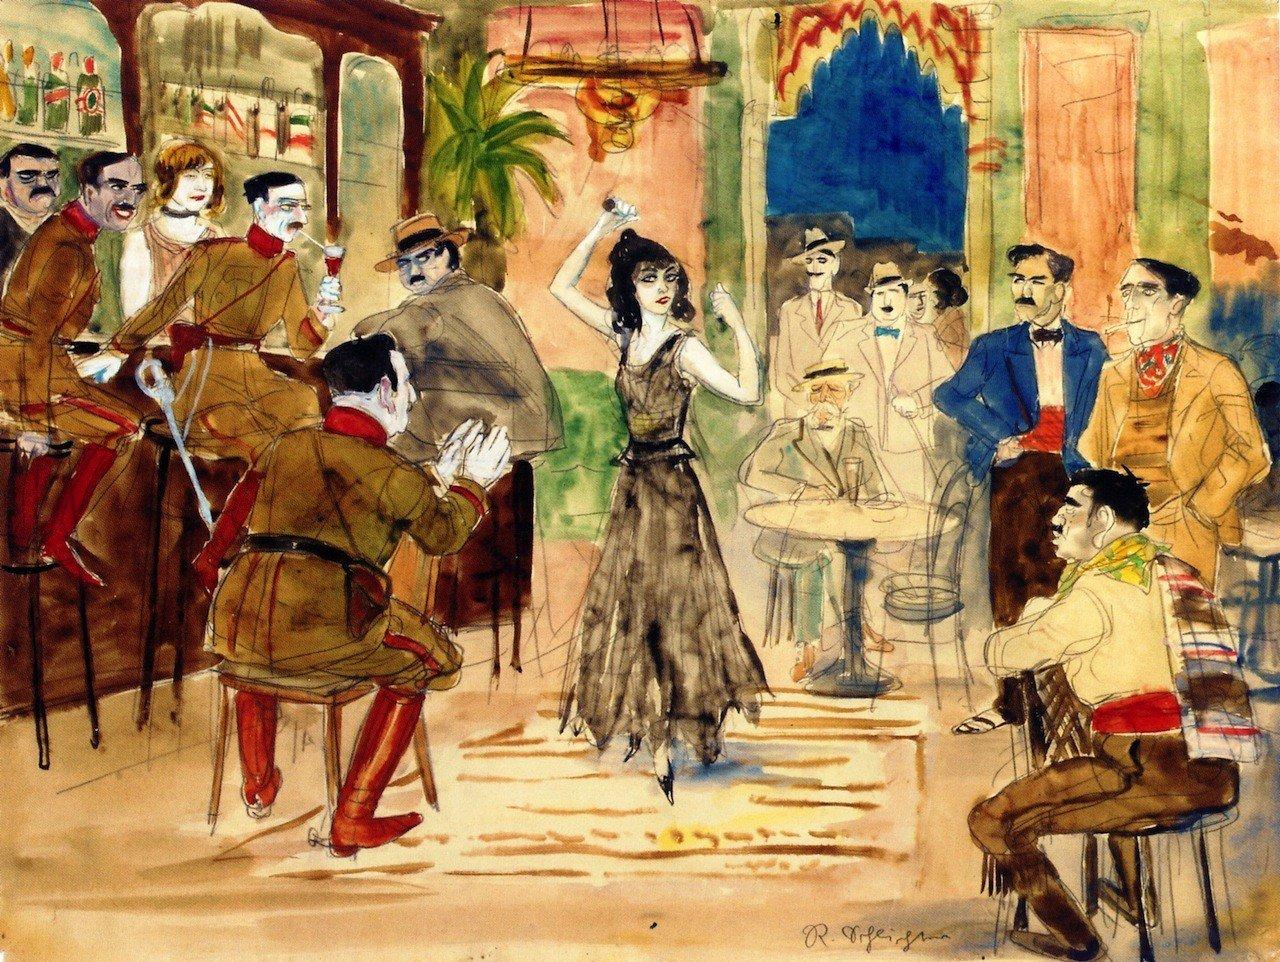 Escena de baile en un bar (1925), de Rudolf Schlichter